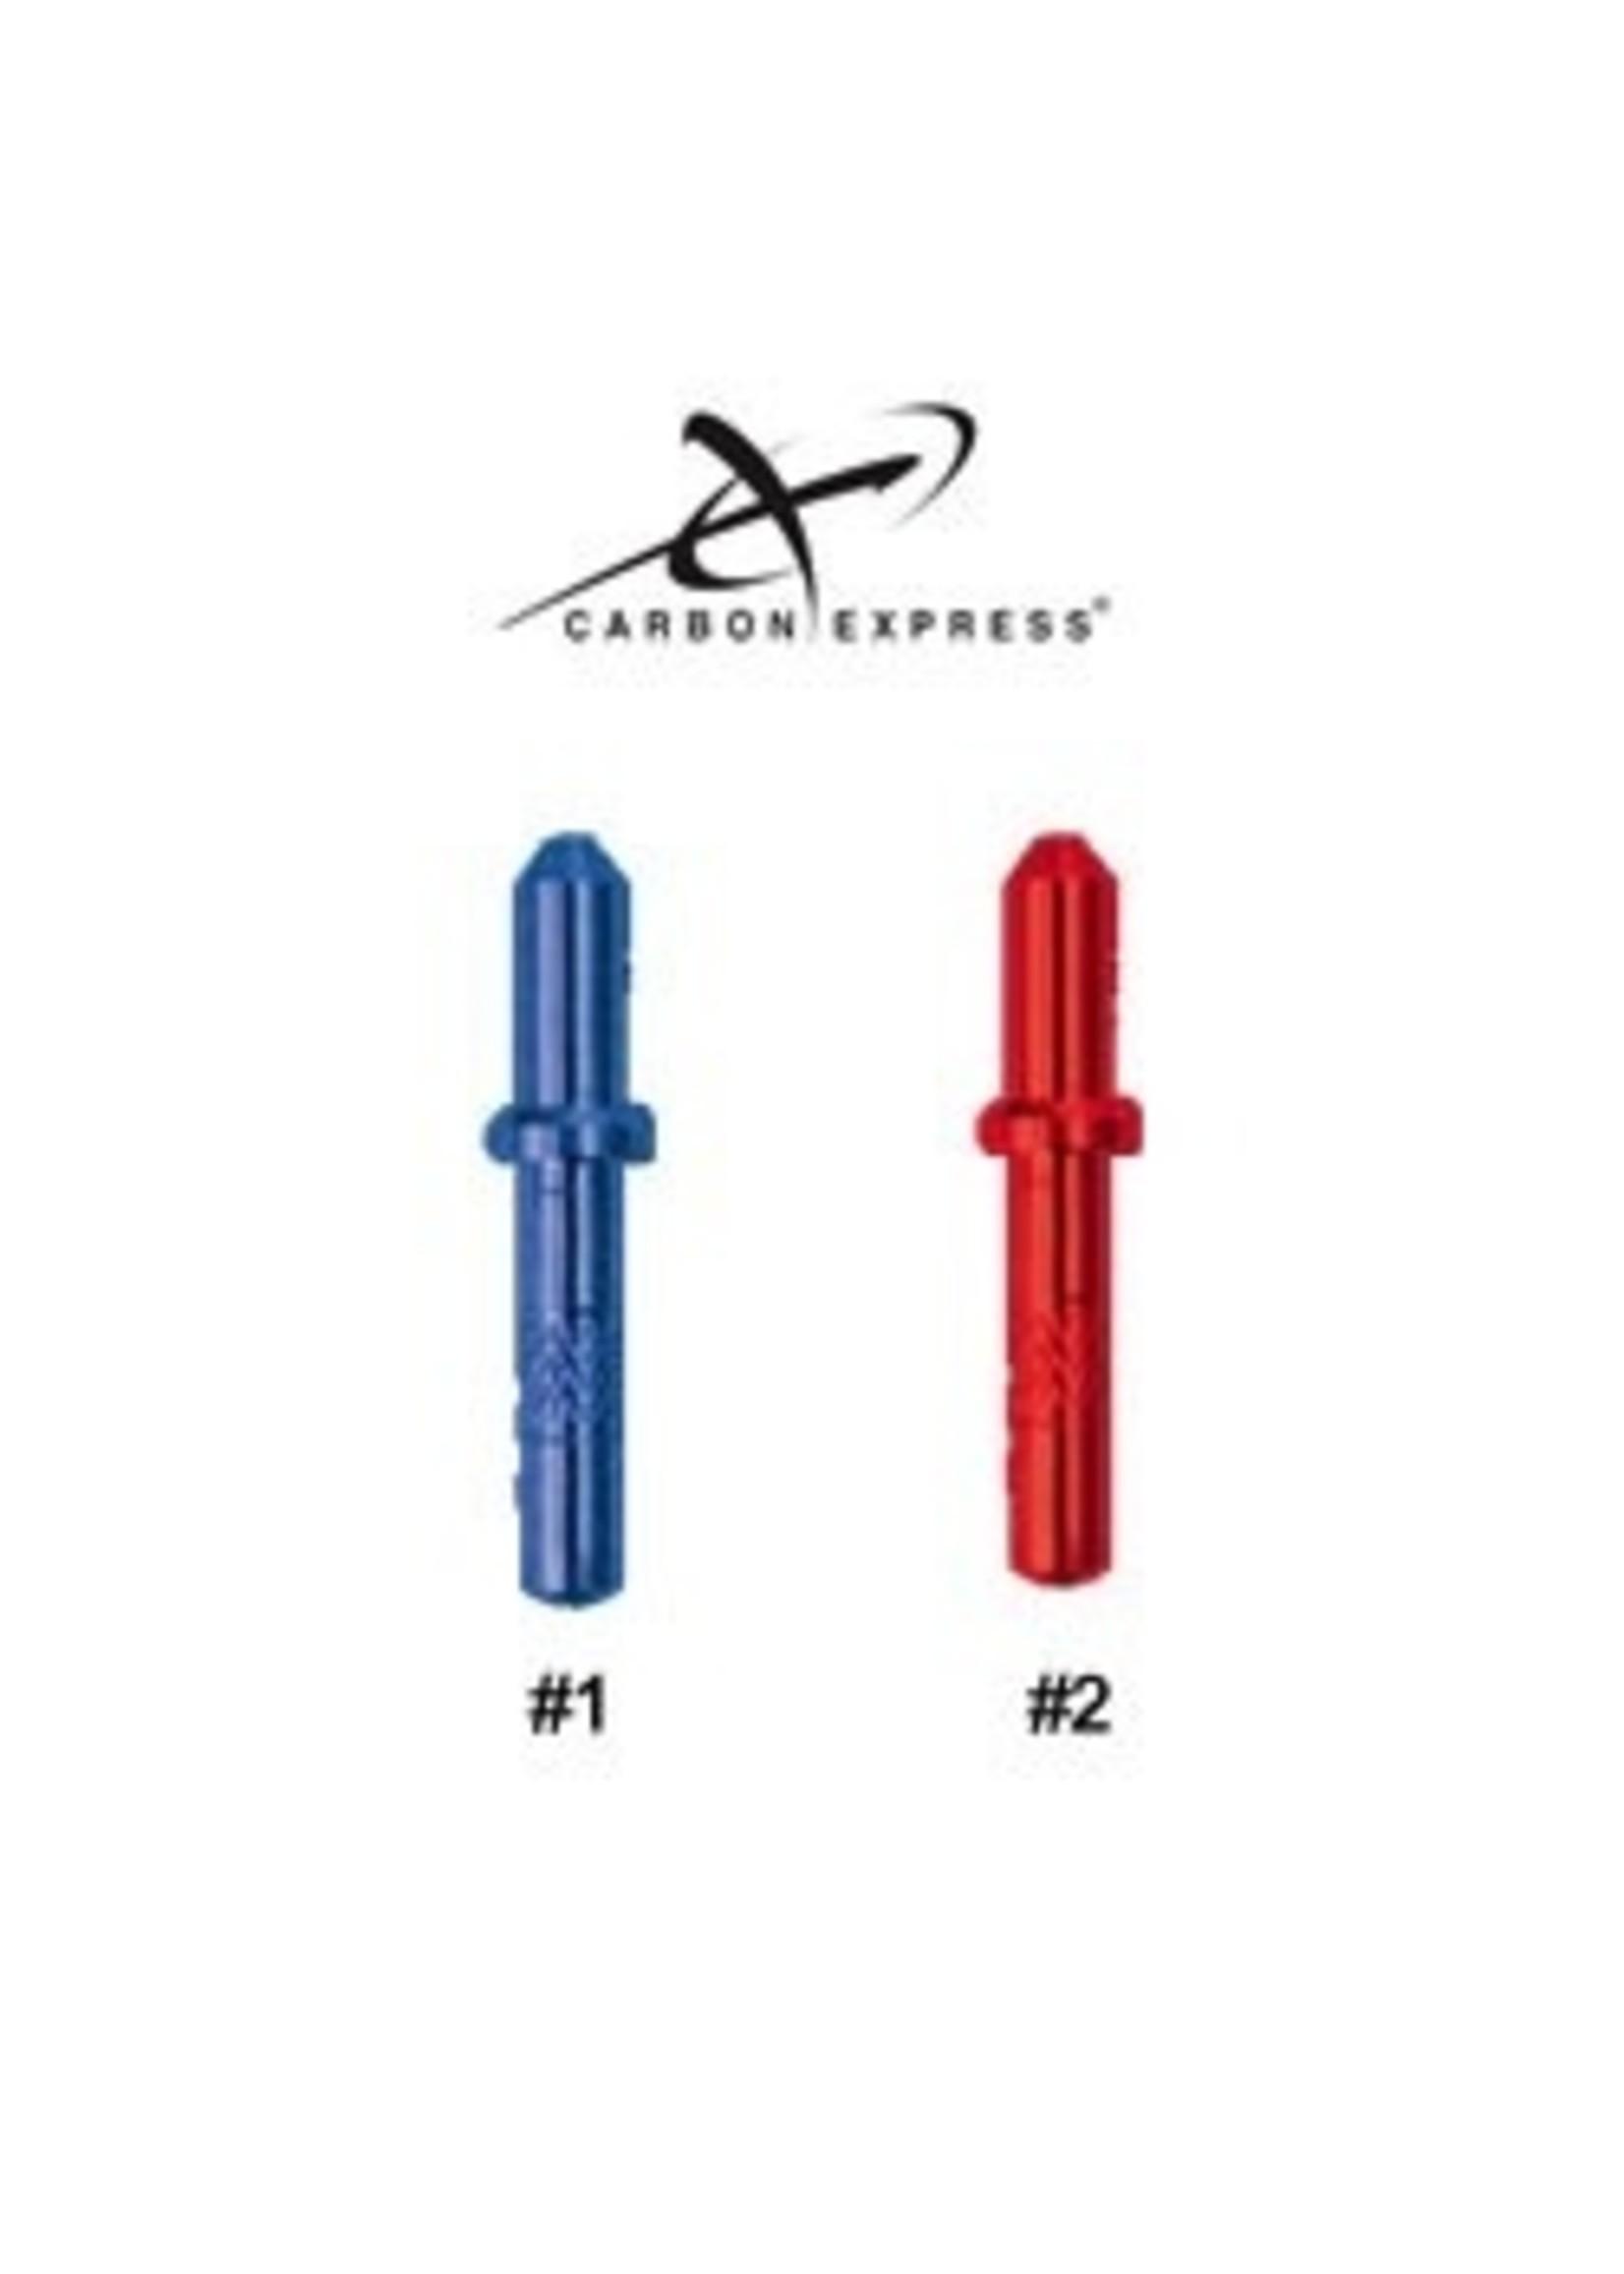 Carbon Express CX Nano XR Pin